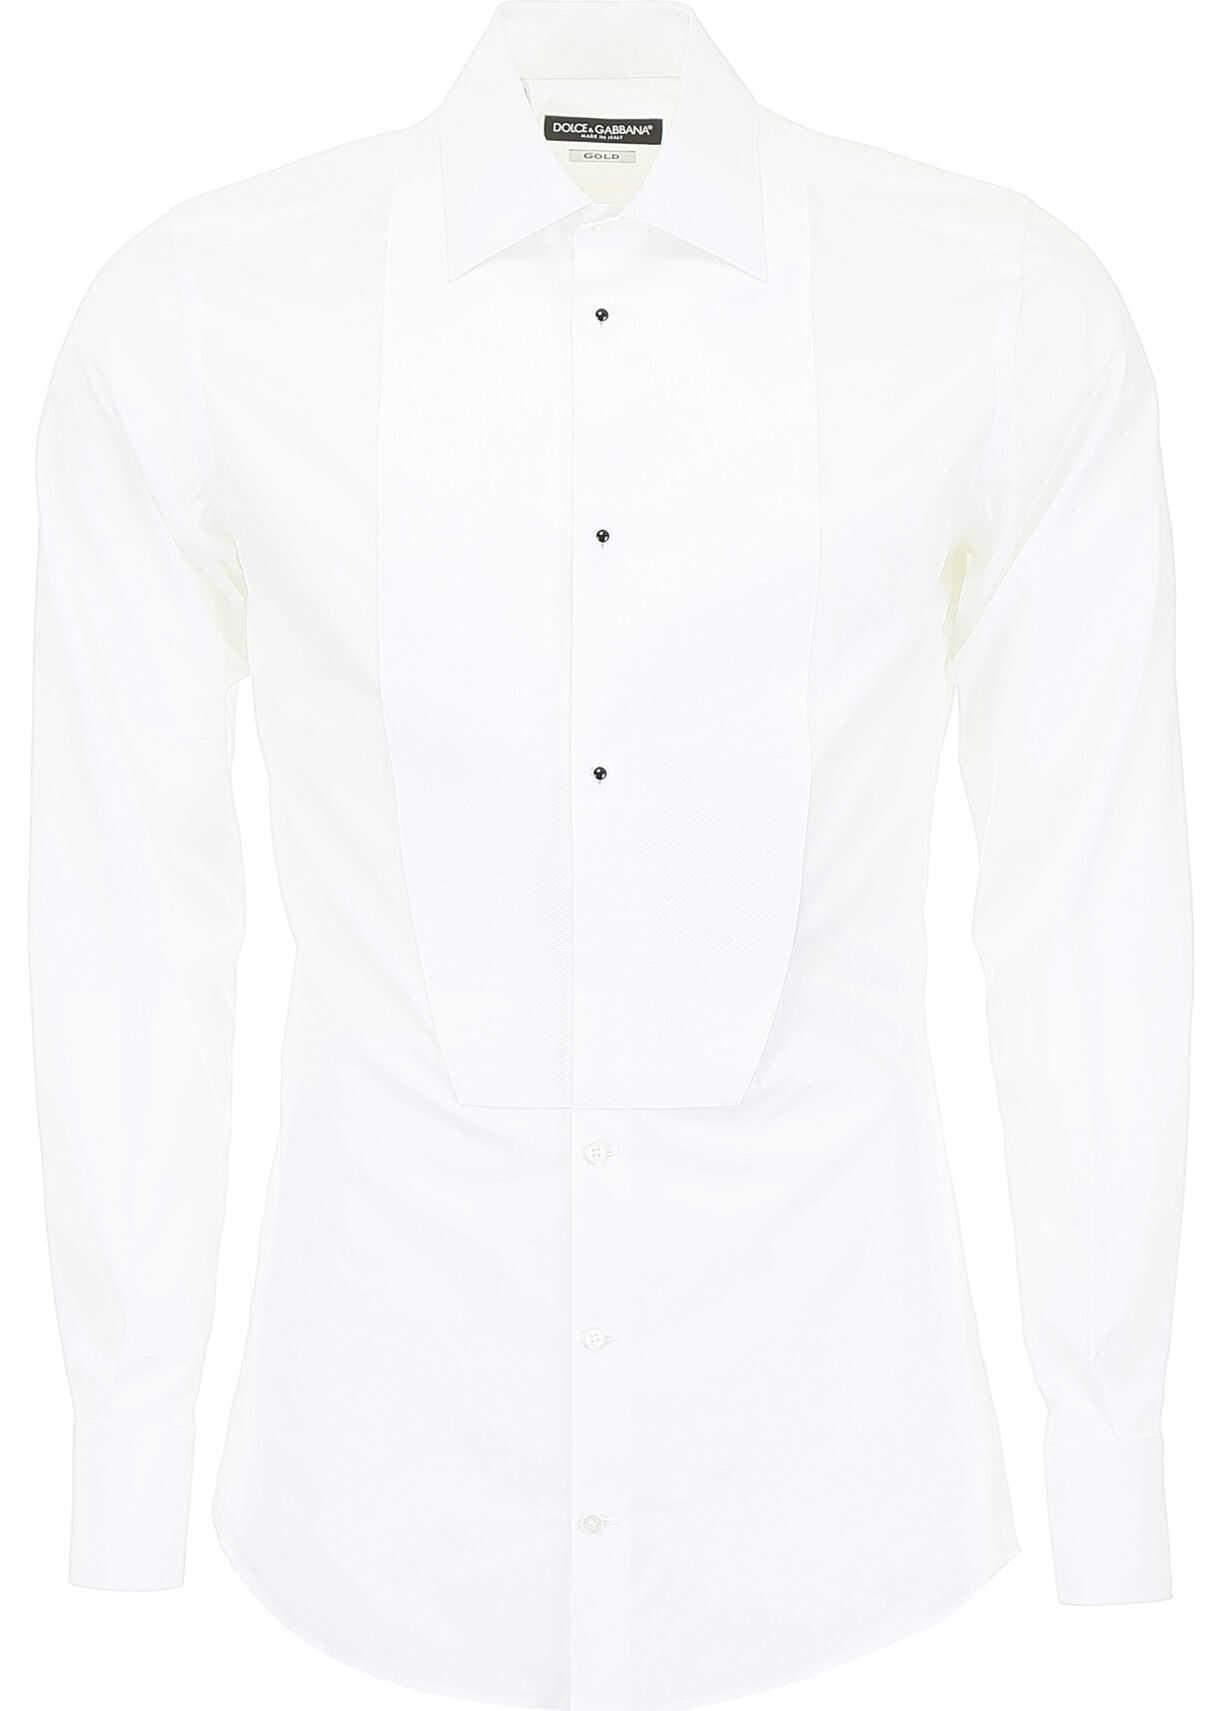 Dolce & Gabbana Tuxedo Shirt BIANCO OTTICO